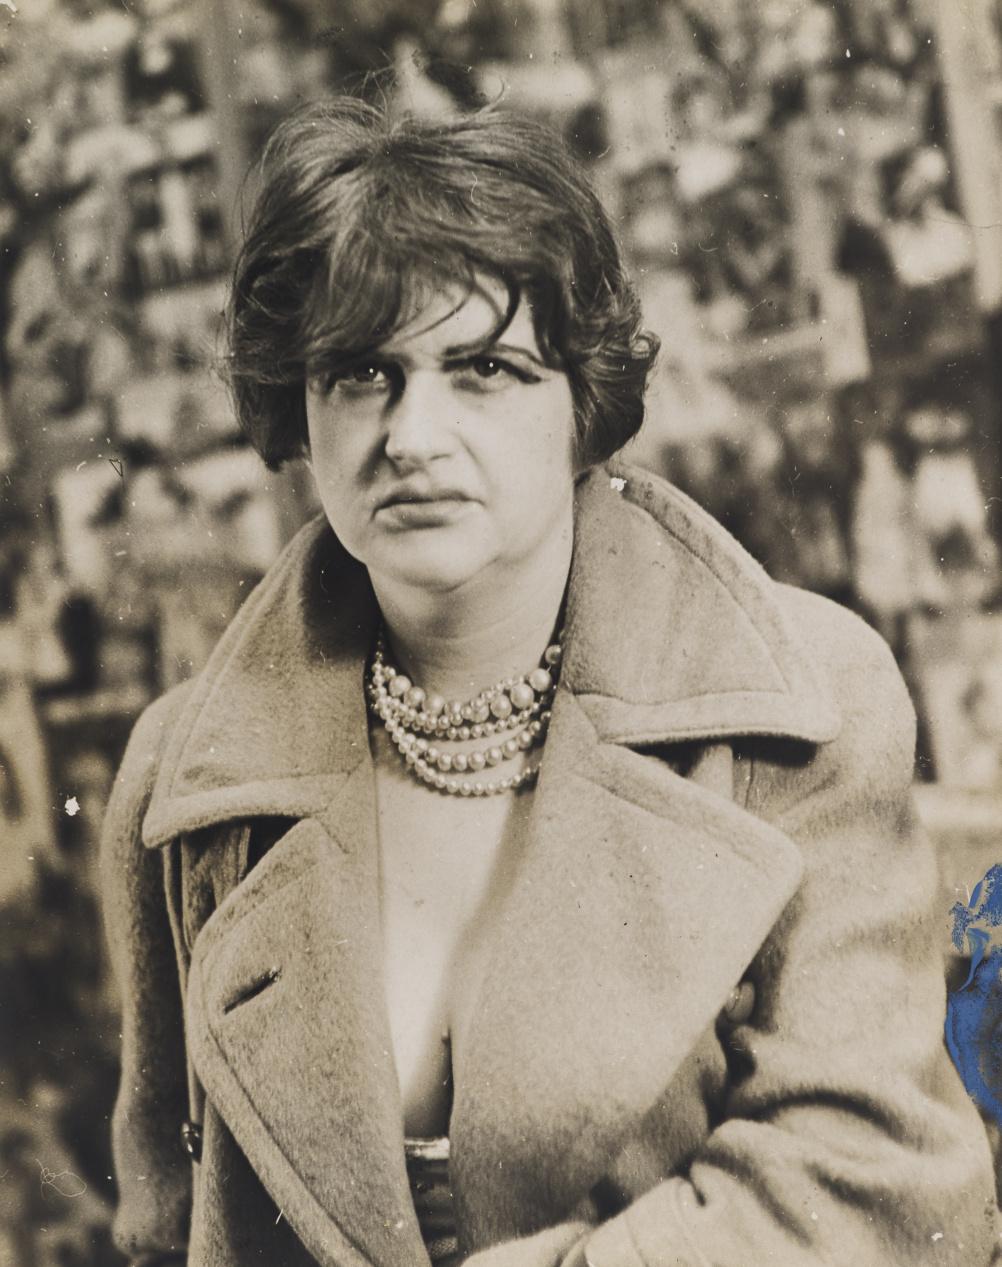 John Deakin, Partygoer, 1940s